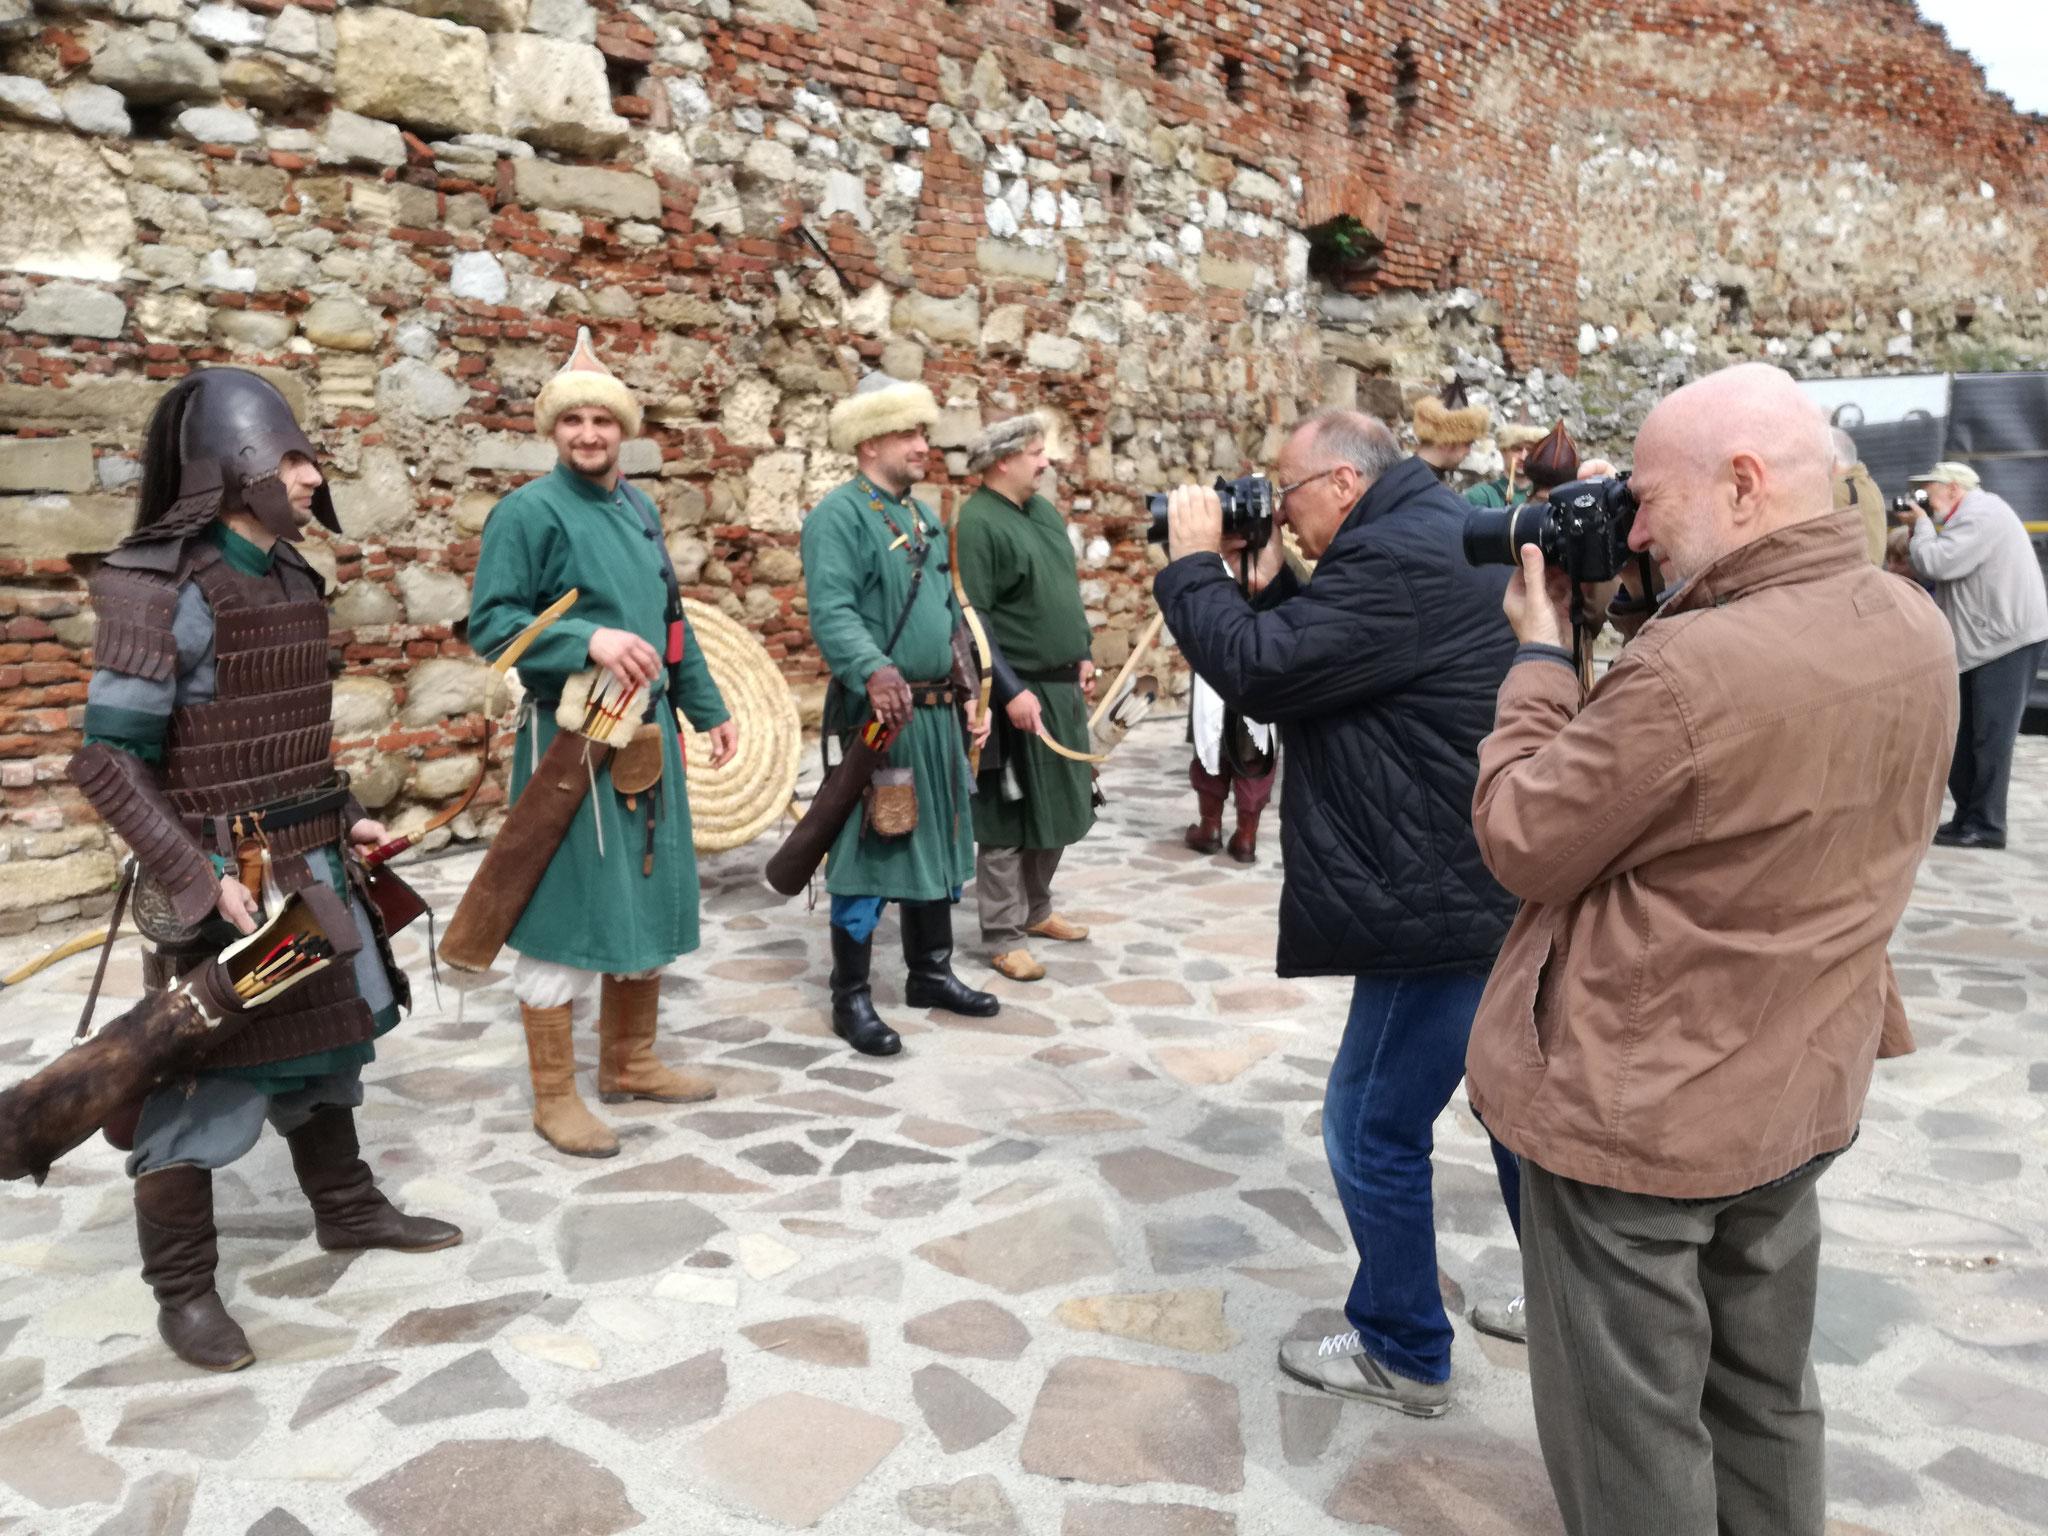 Atelier de creație în Cetatea Medievală  (Lupii din Pustă, Clanul Ordas)